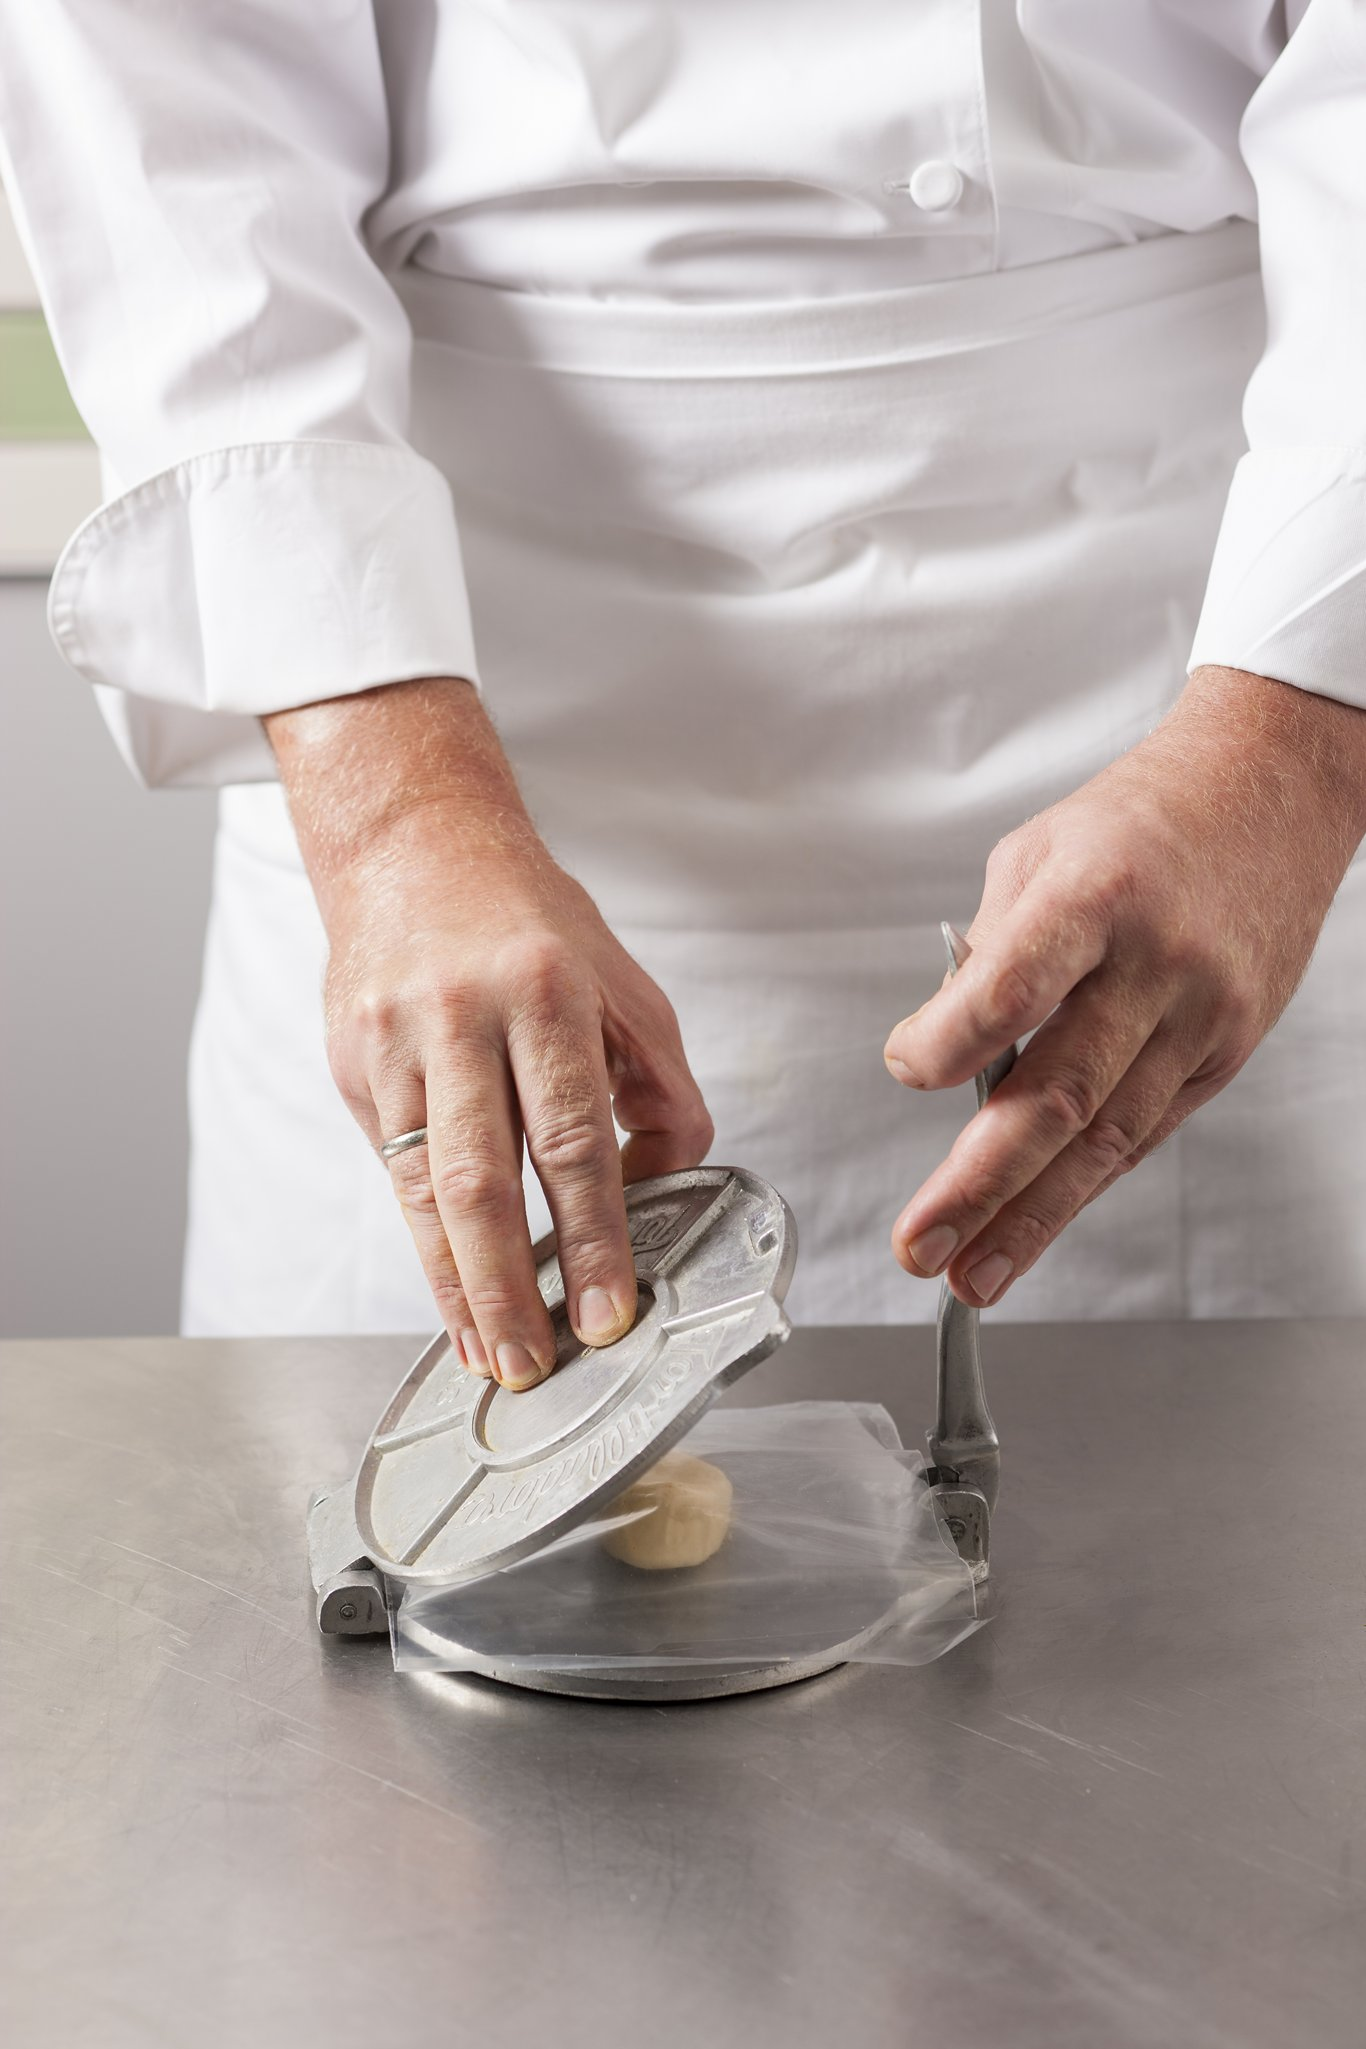 Pressing tortilla dough in a tortilla press.